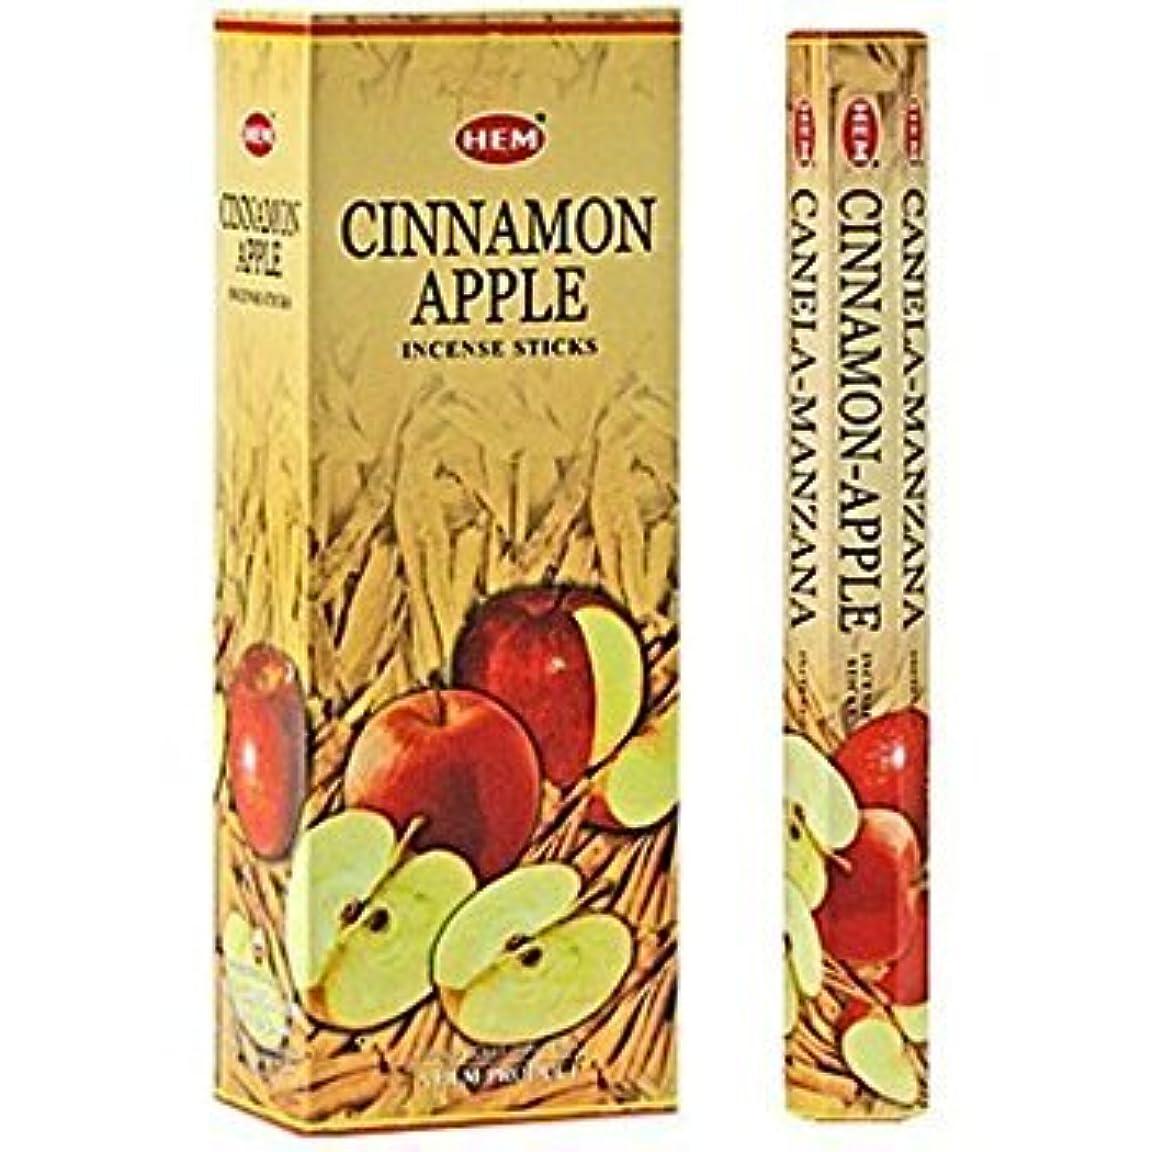 プランターある農夫Cinnamon Apple - Box of Six 20 Stick Tubes - HEM Incense